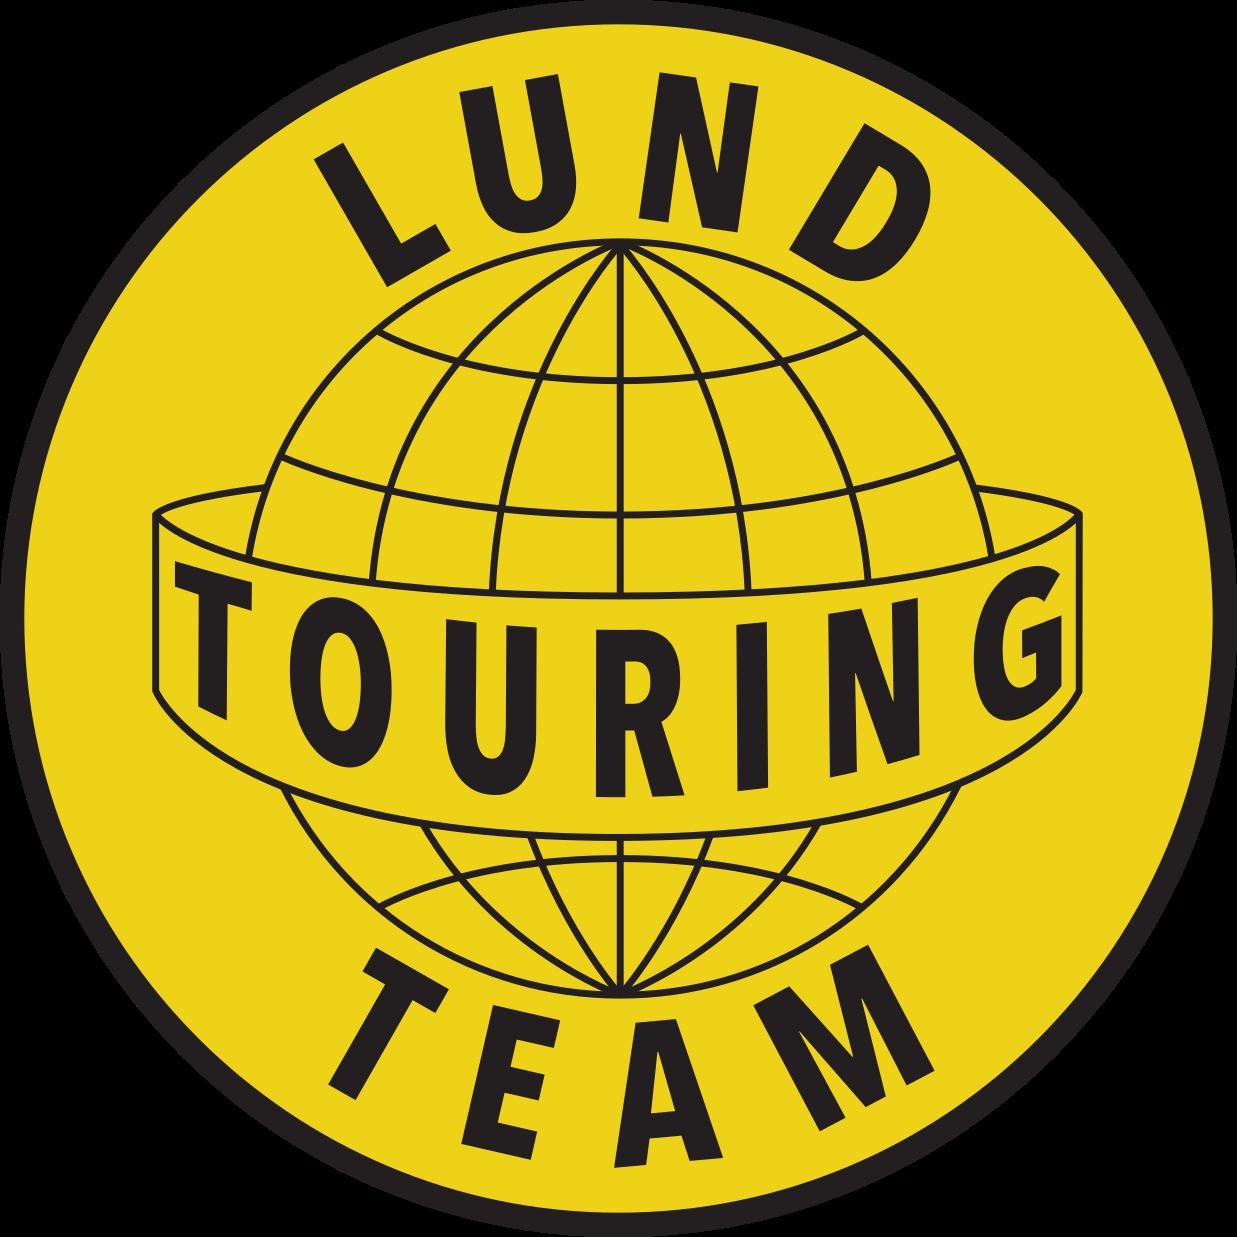 Lund Touring Team